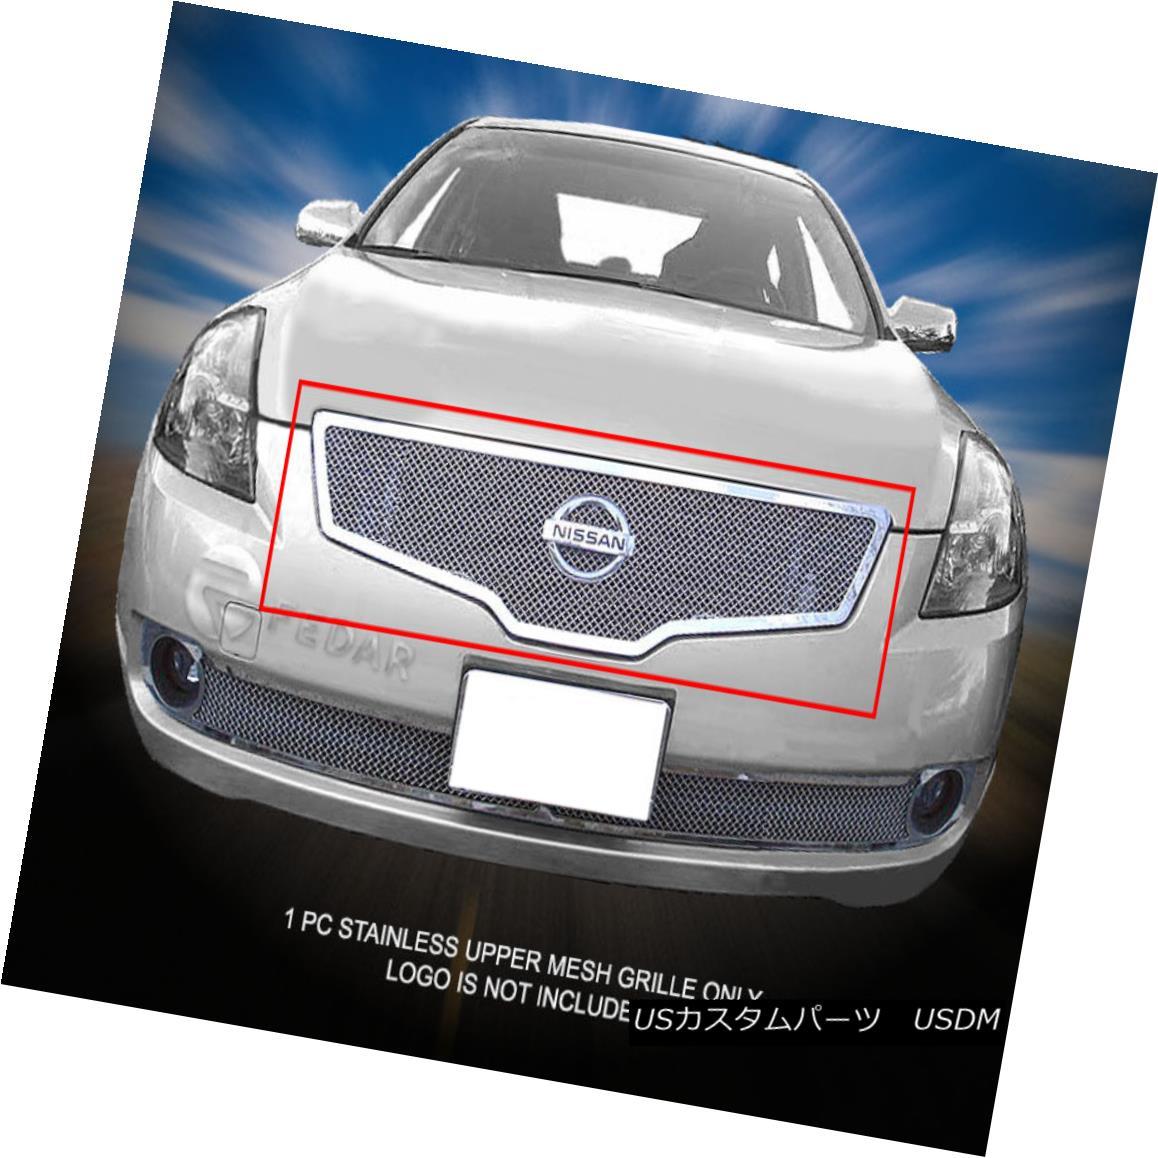 グリル For 07-09 Nissan Altima Sedan Stainless Steel Mesh Grille Upper Insert Fedar 07-09日産アルティマセダンステンレスメッシュグリルアッパーインサートフェルダー